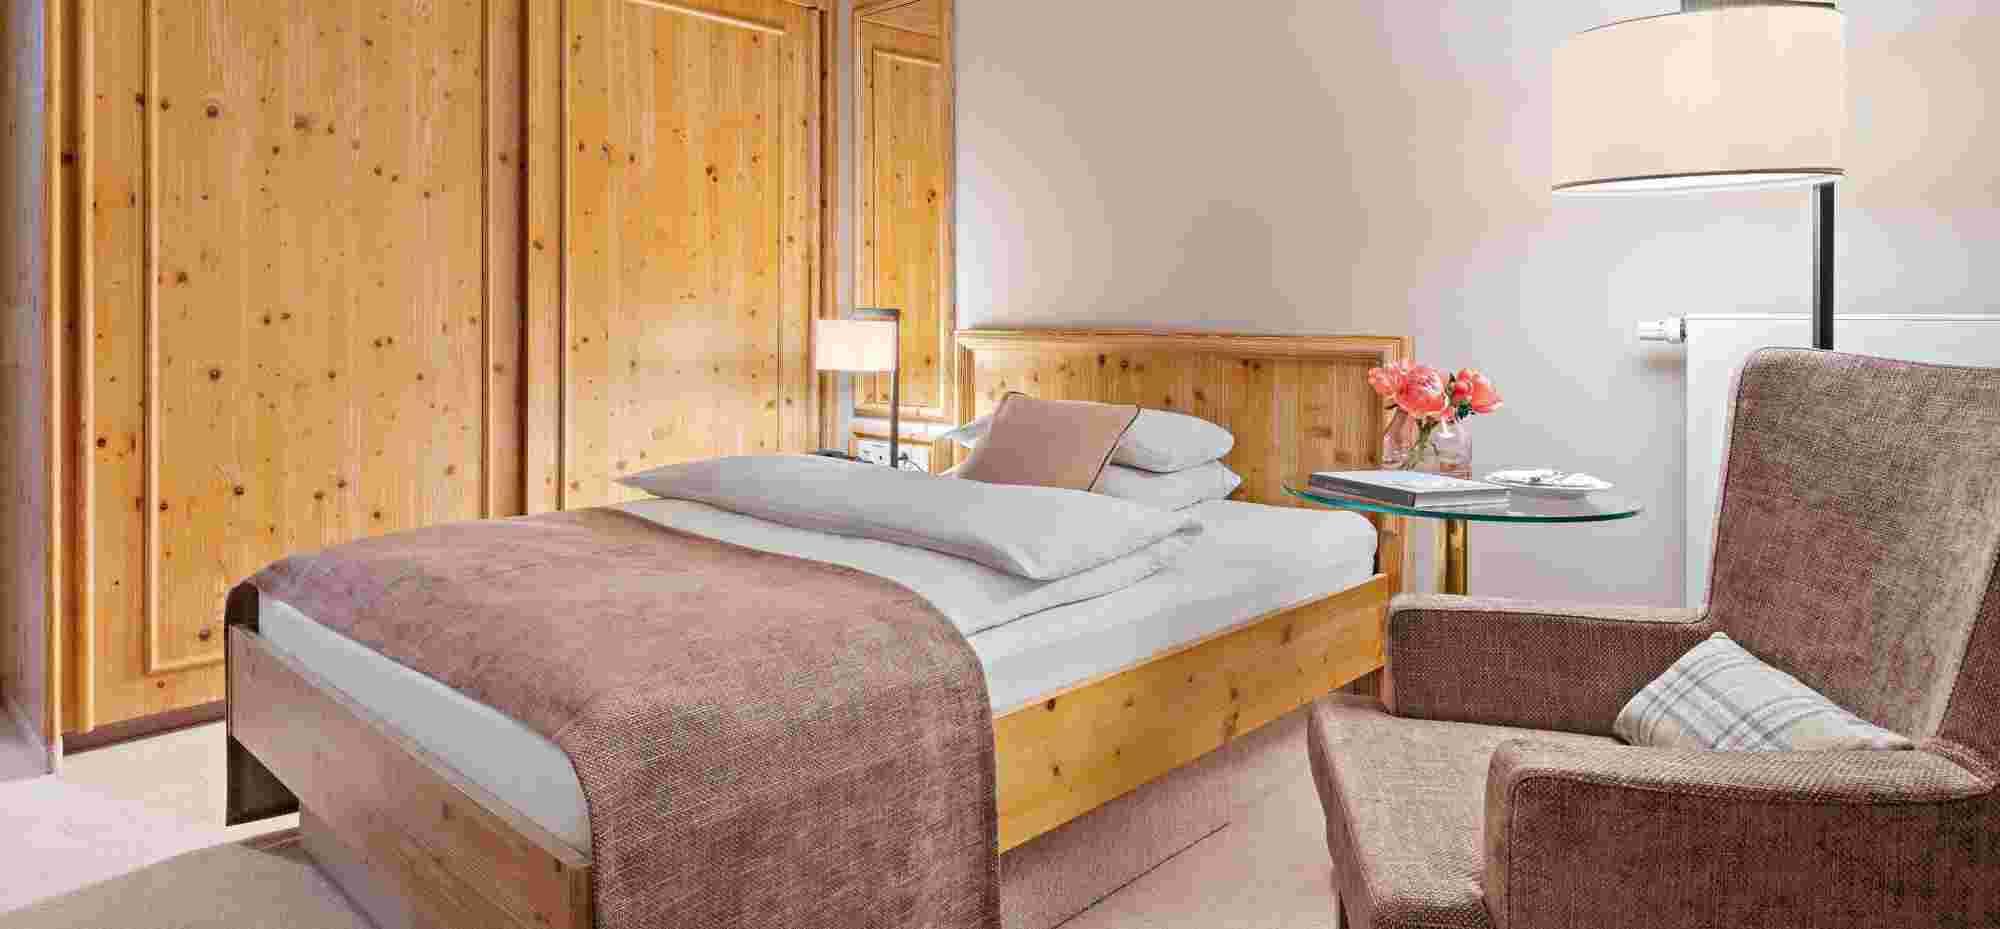 Classic Einzelzimmer, Altrosa, im Hotel Allgäu Sonne in Oberstaufen